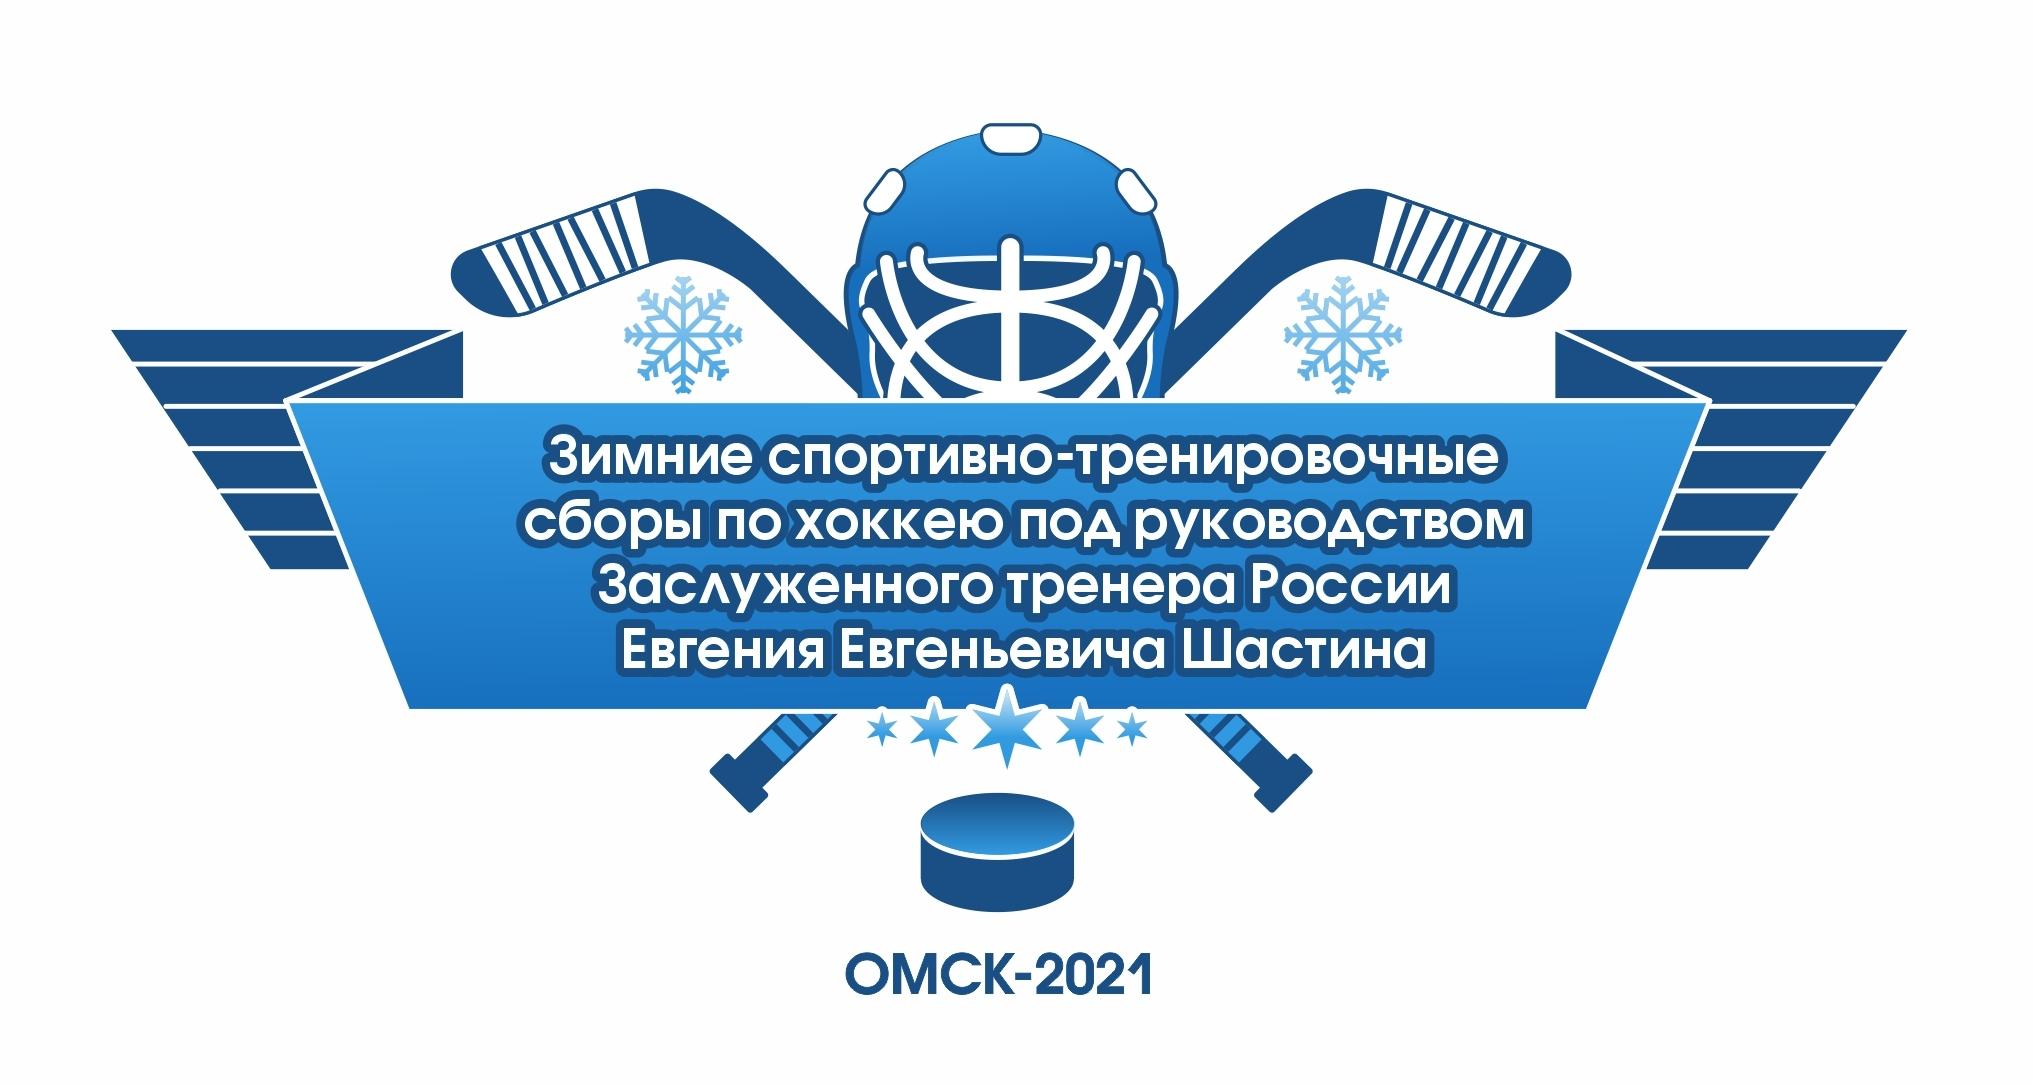 Зимние спортивно-тренировочные сборы по хоккею под руководством ЗТР Е.Е. Шастина-2021